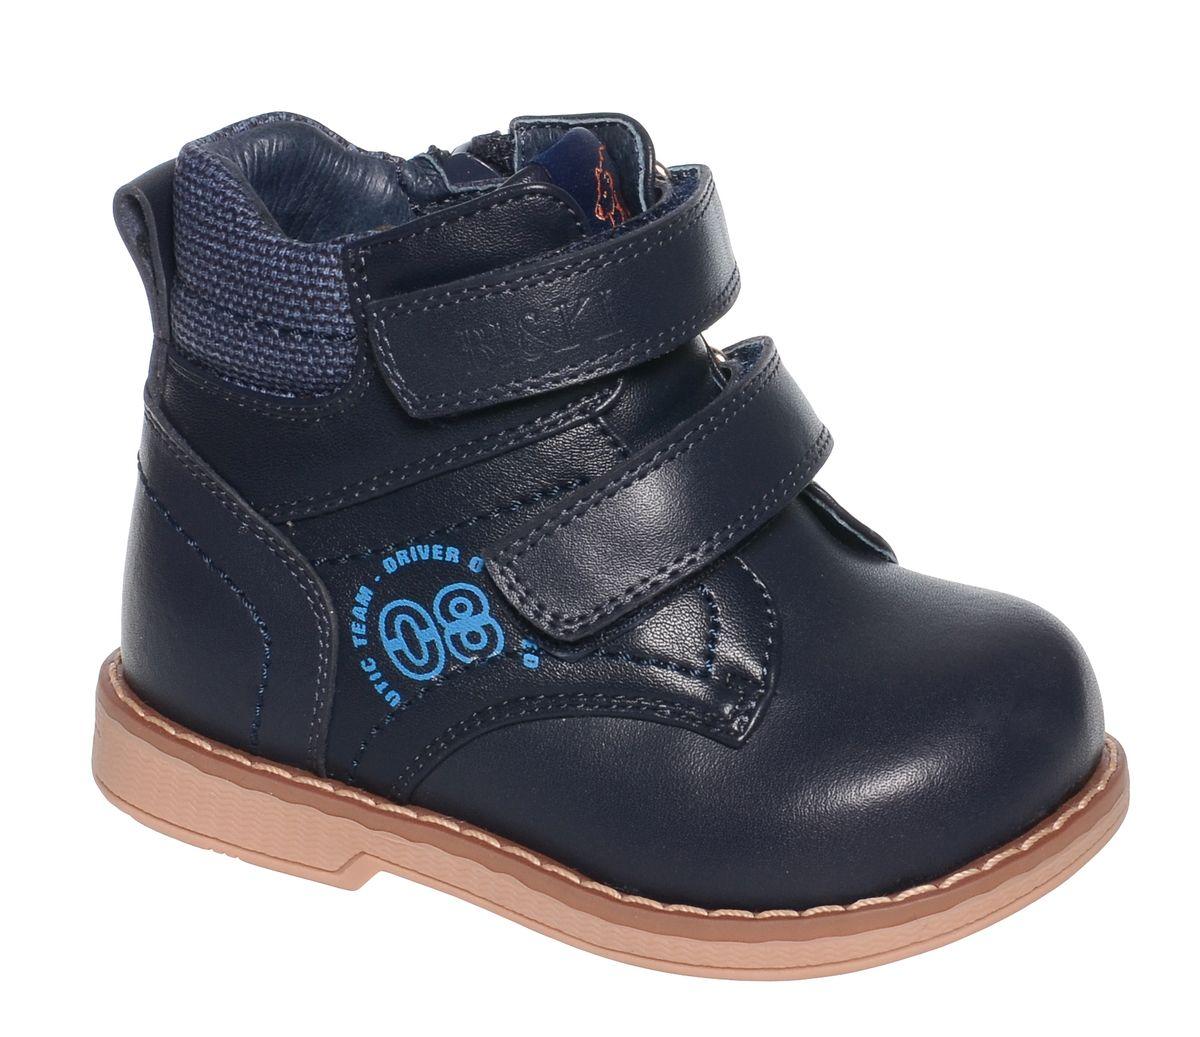 БотинкиA-B86-44-BДетские ботинки от BiKi заинтересуют вашего модника с первого взгляда. Модель выполнена из комбинации натуральной и искусственной кожи. Внутренняя поверхность и стелька, выполненные из натуральной кожи и байки, предотвращают натирание и гарантируют комфорт. Подъем дополнен ремешками на застежках-липучках, которые обеспечивают плотное прилегание модели к стопе и регулируют объем. Ботинки застегиваются на застежку-молнию, расположенную на одной из боковых сторон. Подошва оснащена рифлением для лучшей сцепки с поверхностью. Стильные и удобные ботинки - незаменимая вещь в весенне-осеннем гардеробе.